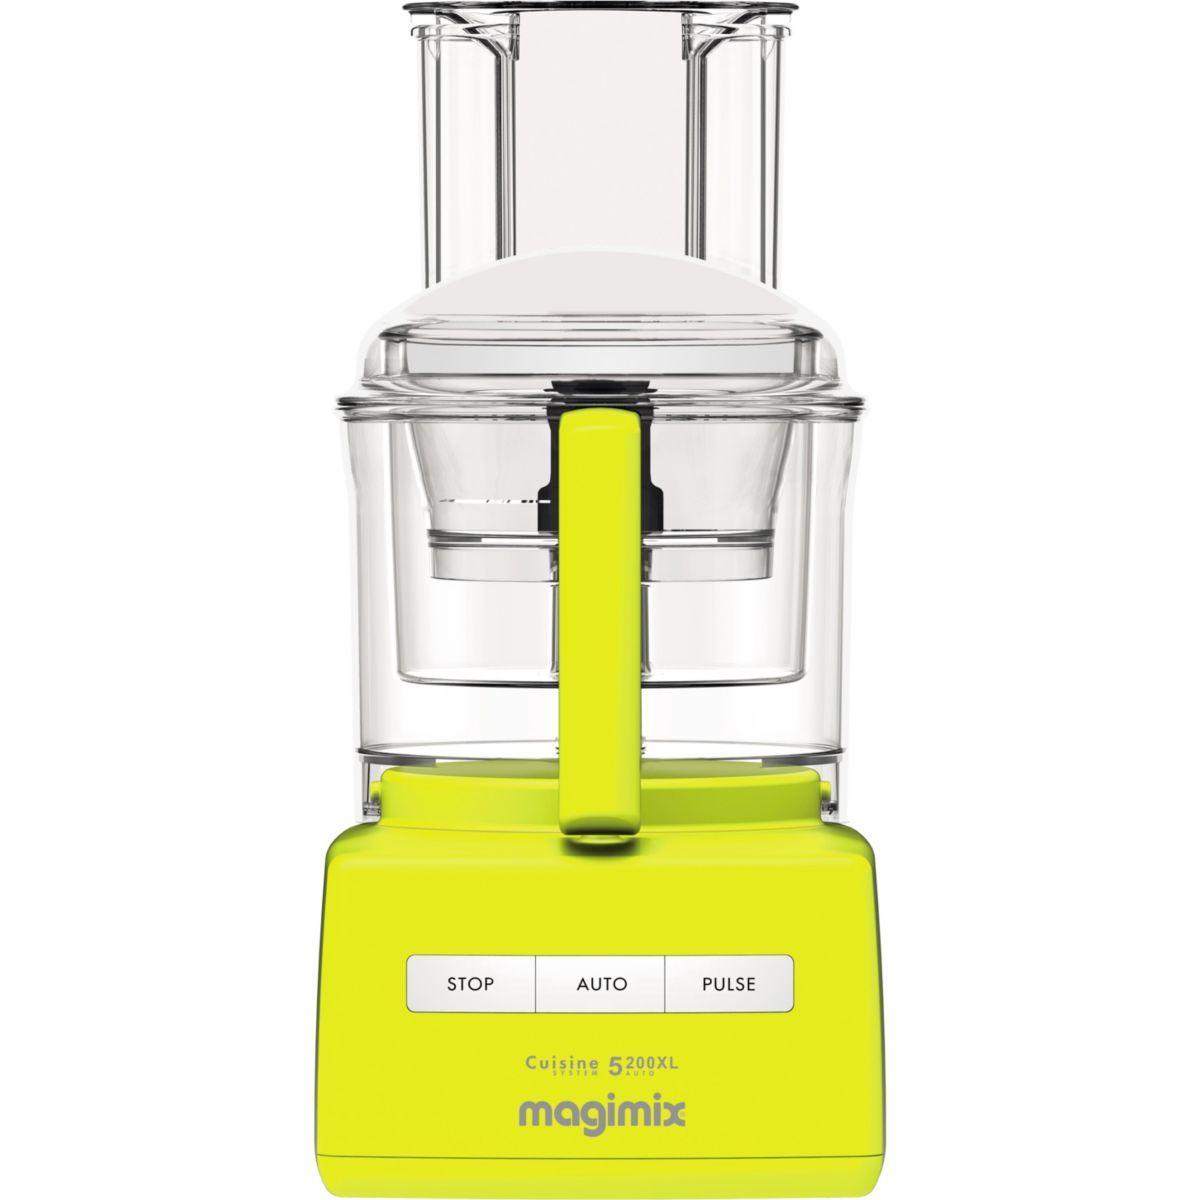 Robot magimix 18705f cs 5200 xl jaune premium - livraison offerte : code livpremium (photo)